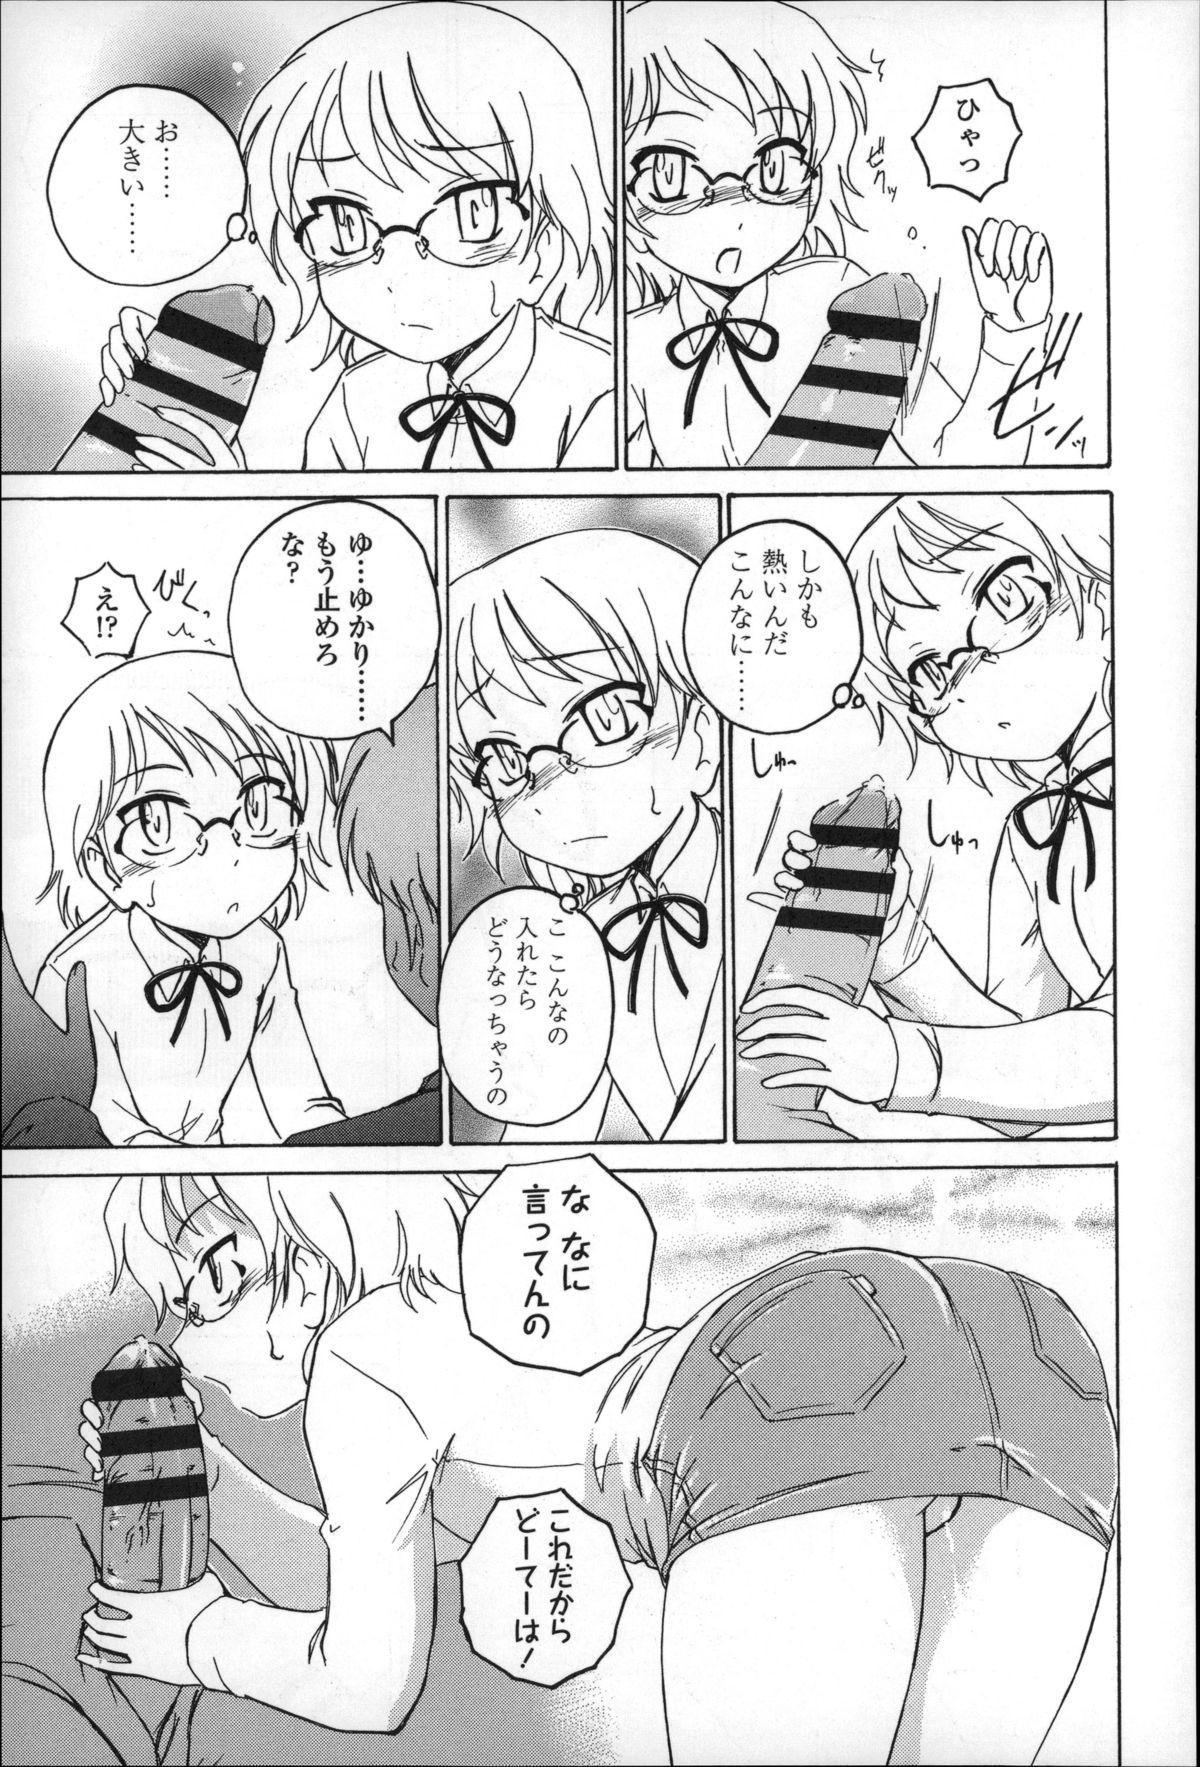 Youshou no Hana no Himitsu - The secret of Girls flowers 58